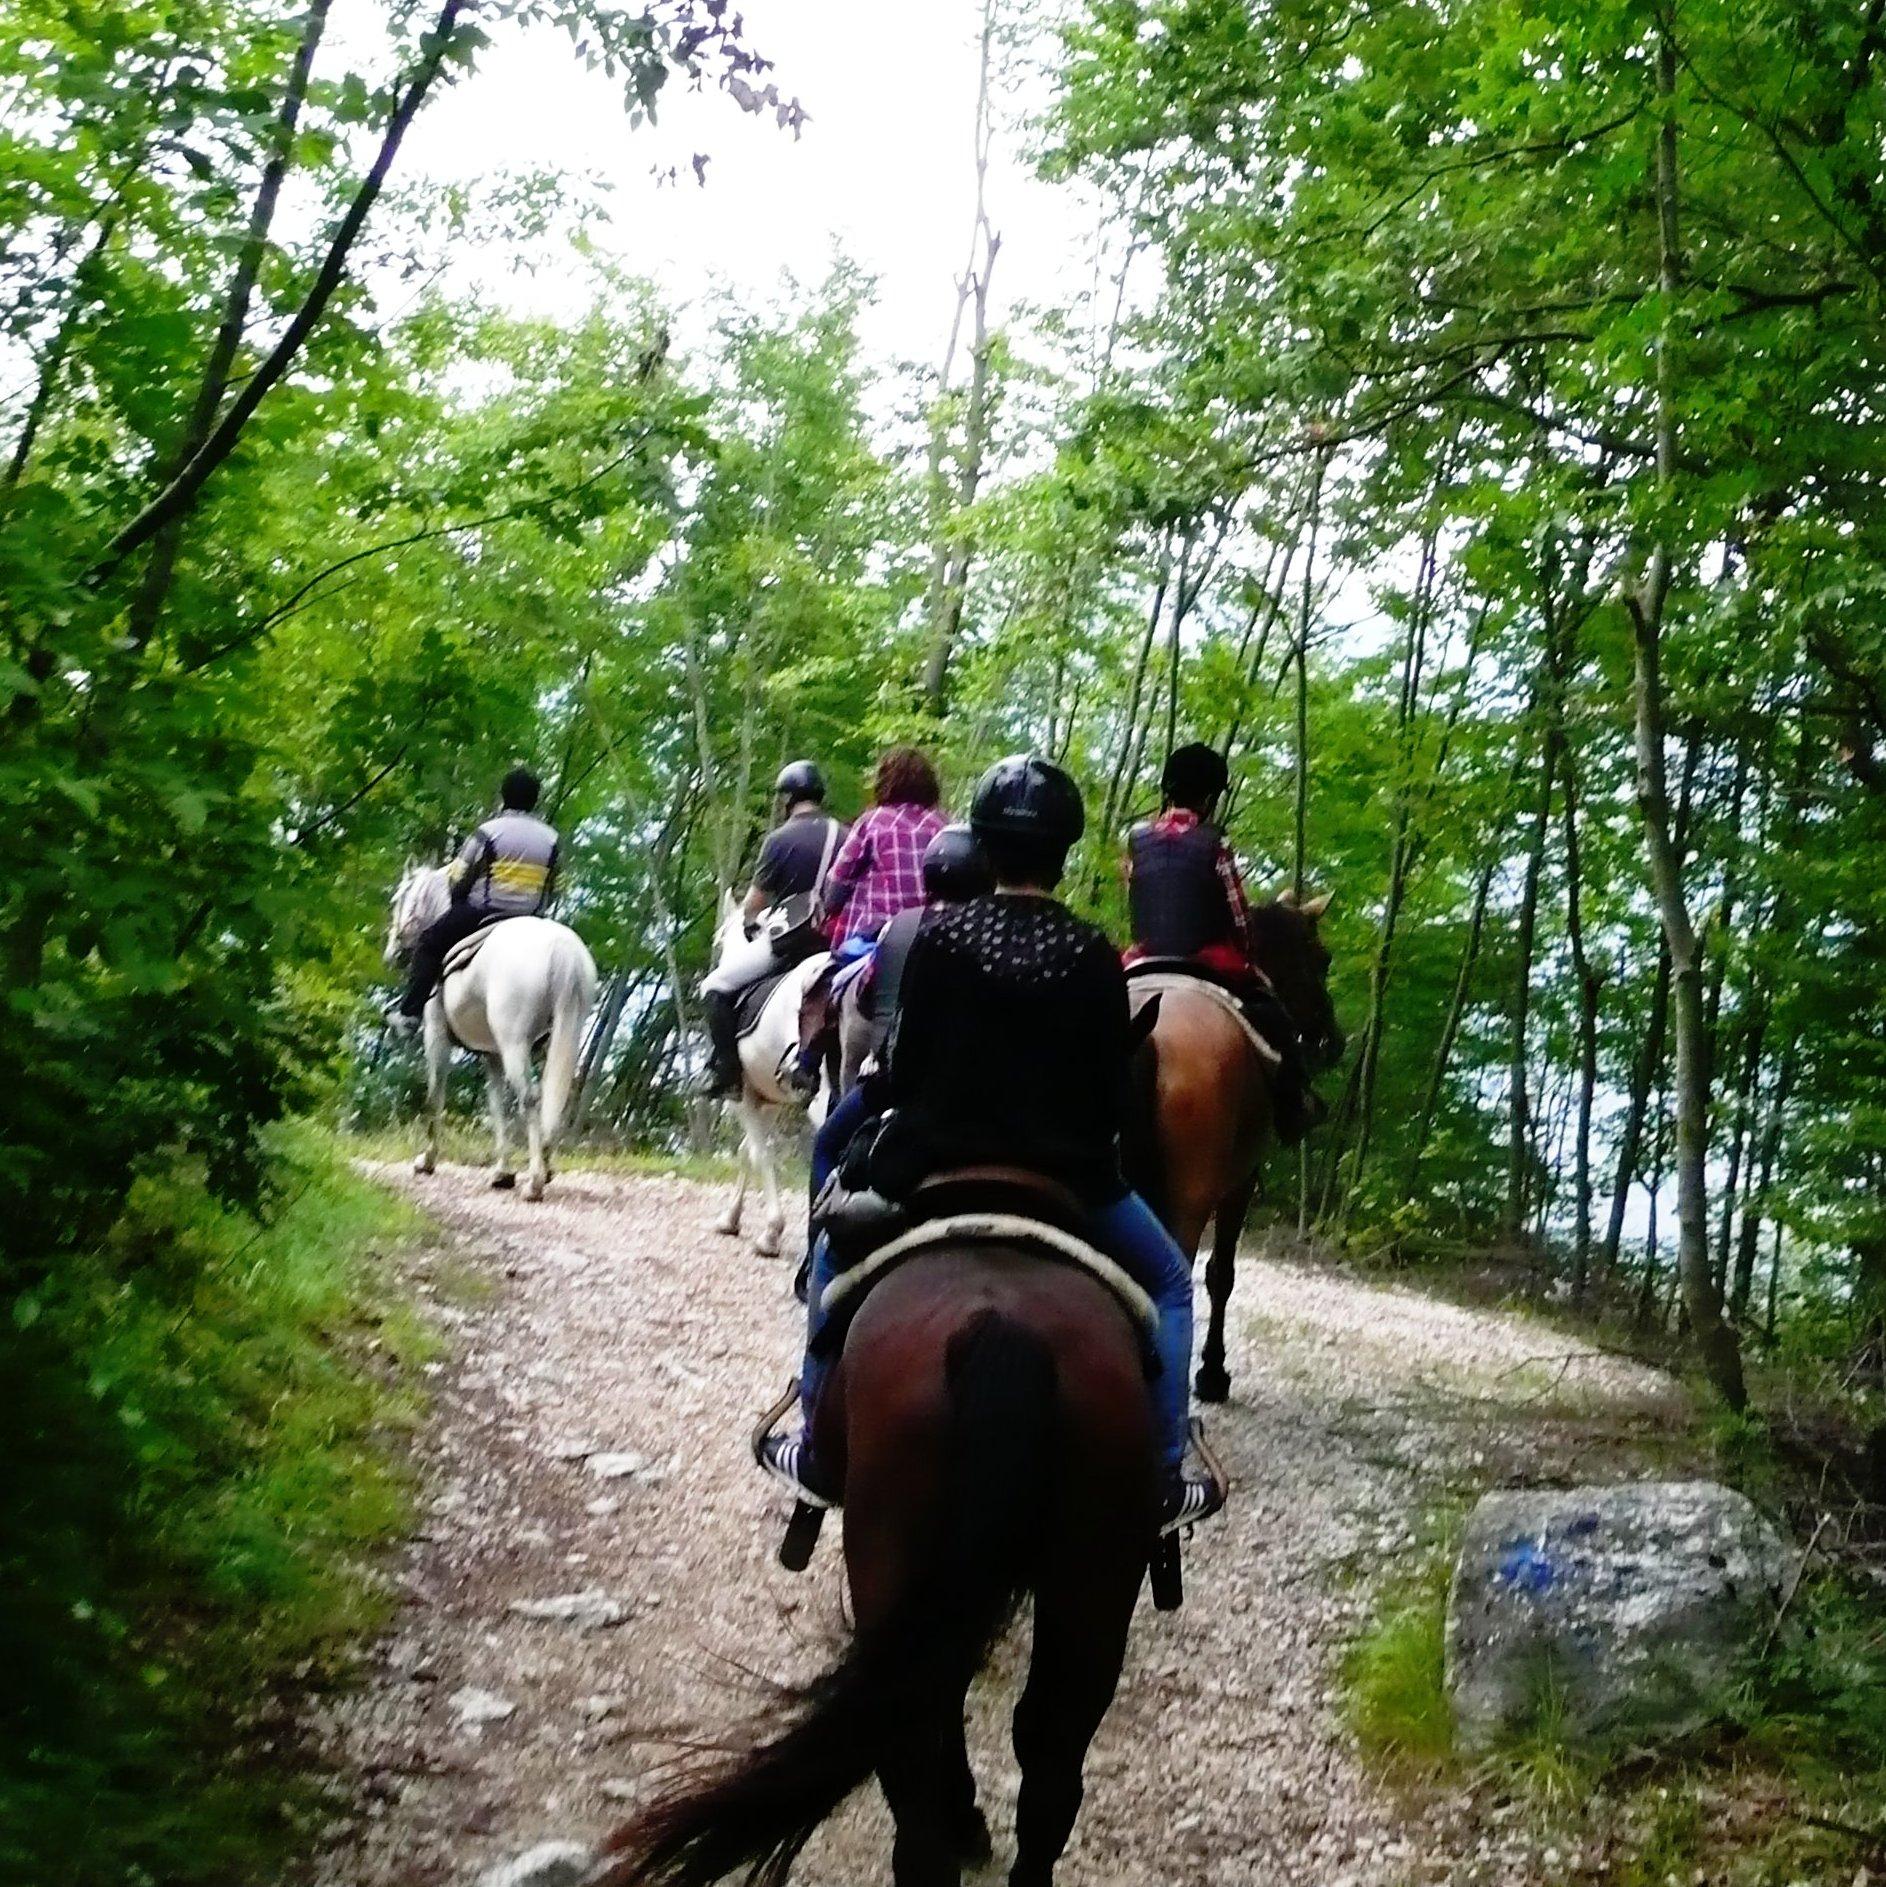 trekking-briganti-01.jpg - 836.22 kb